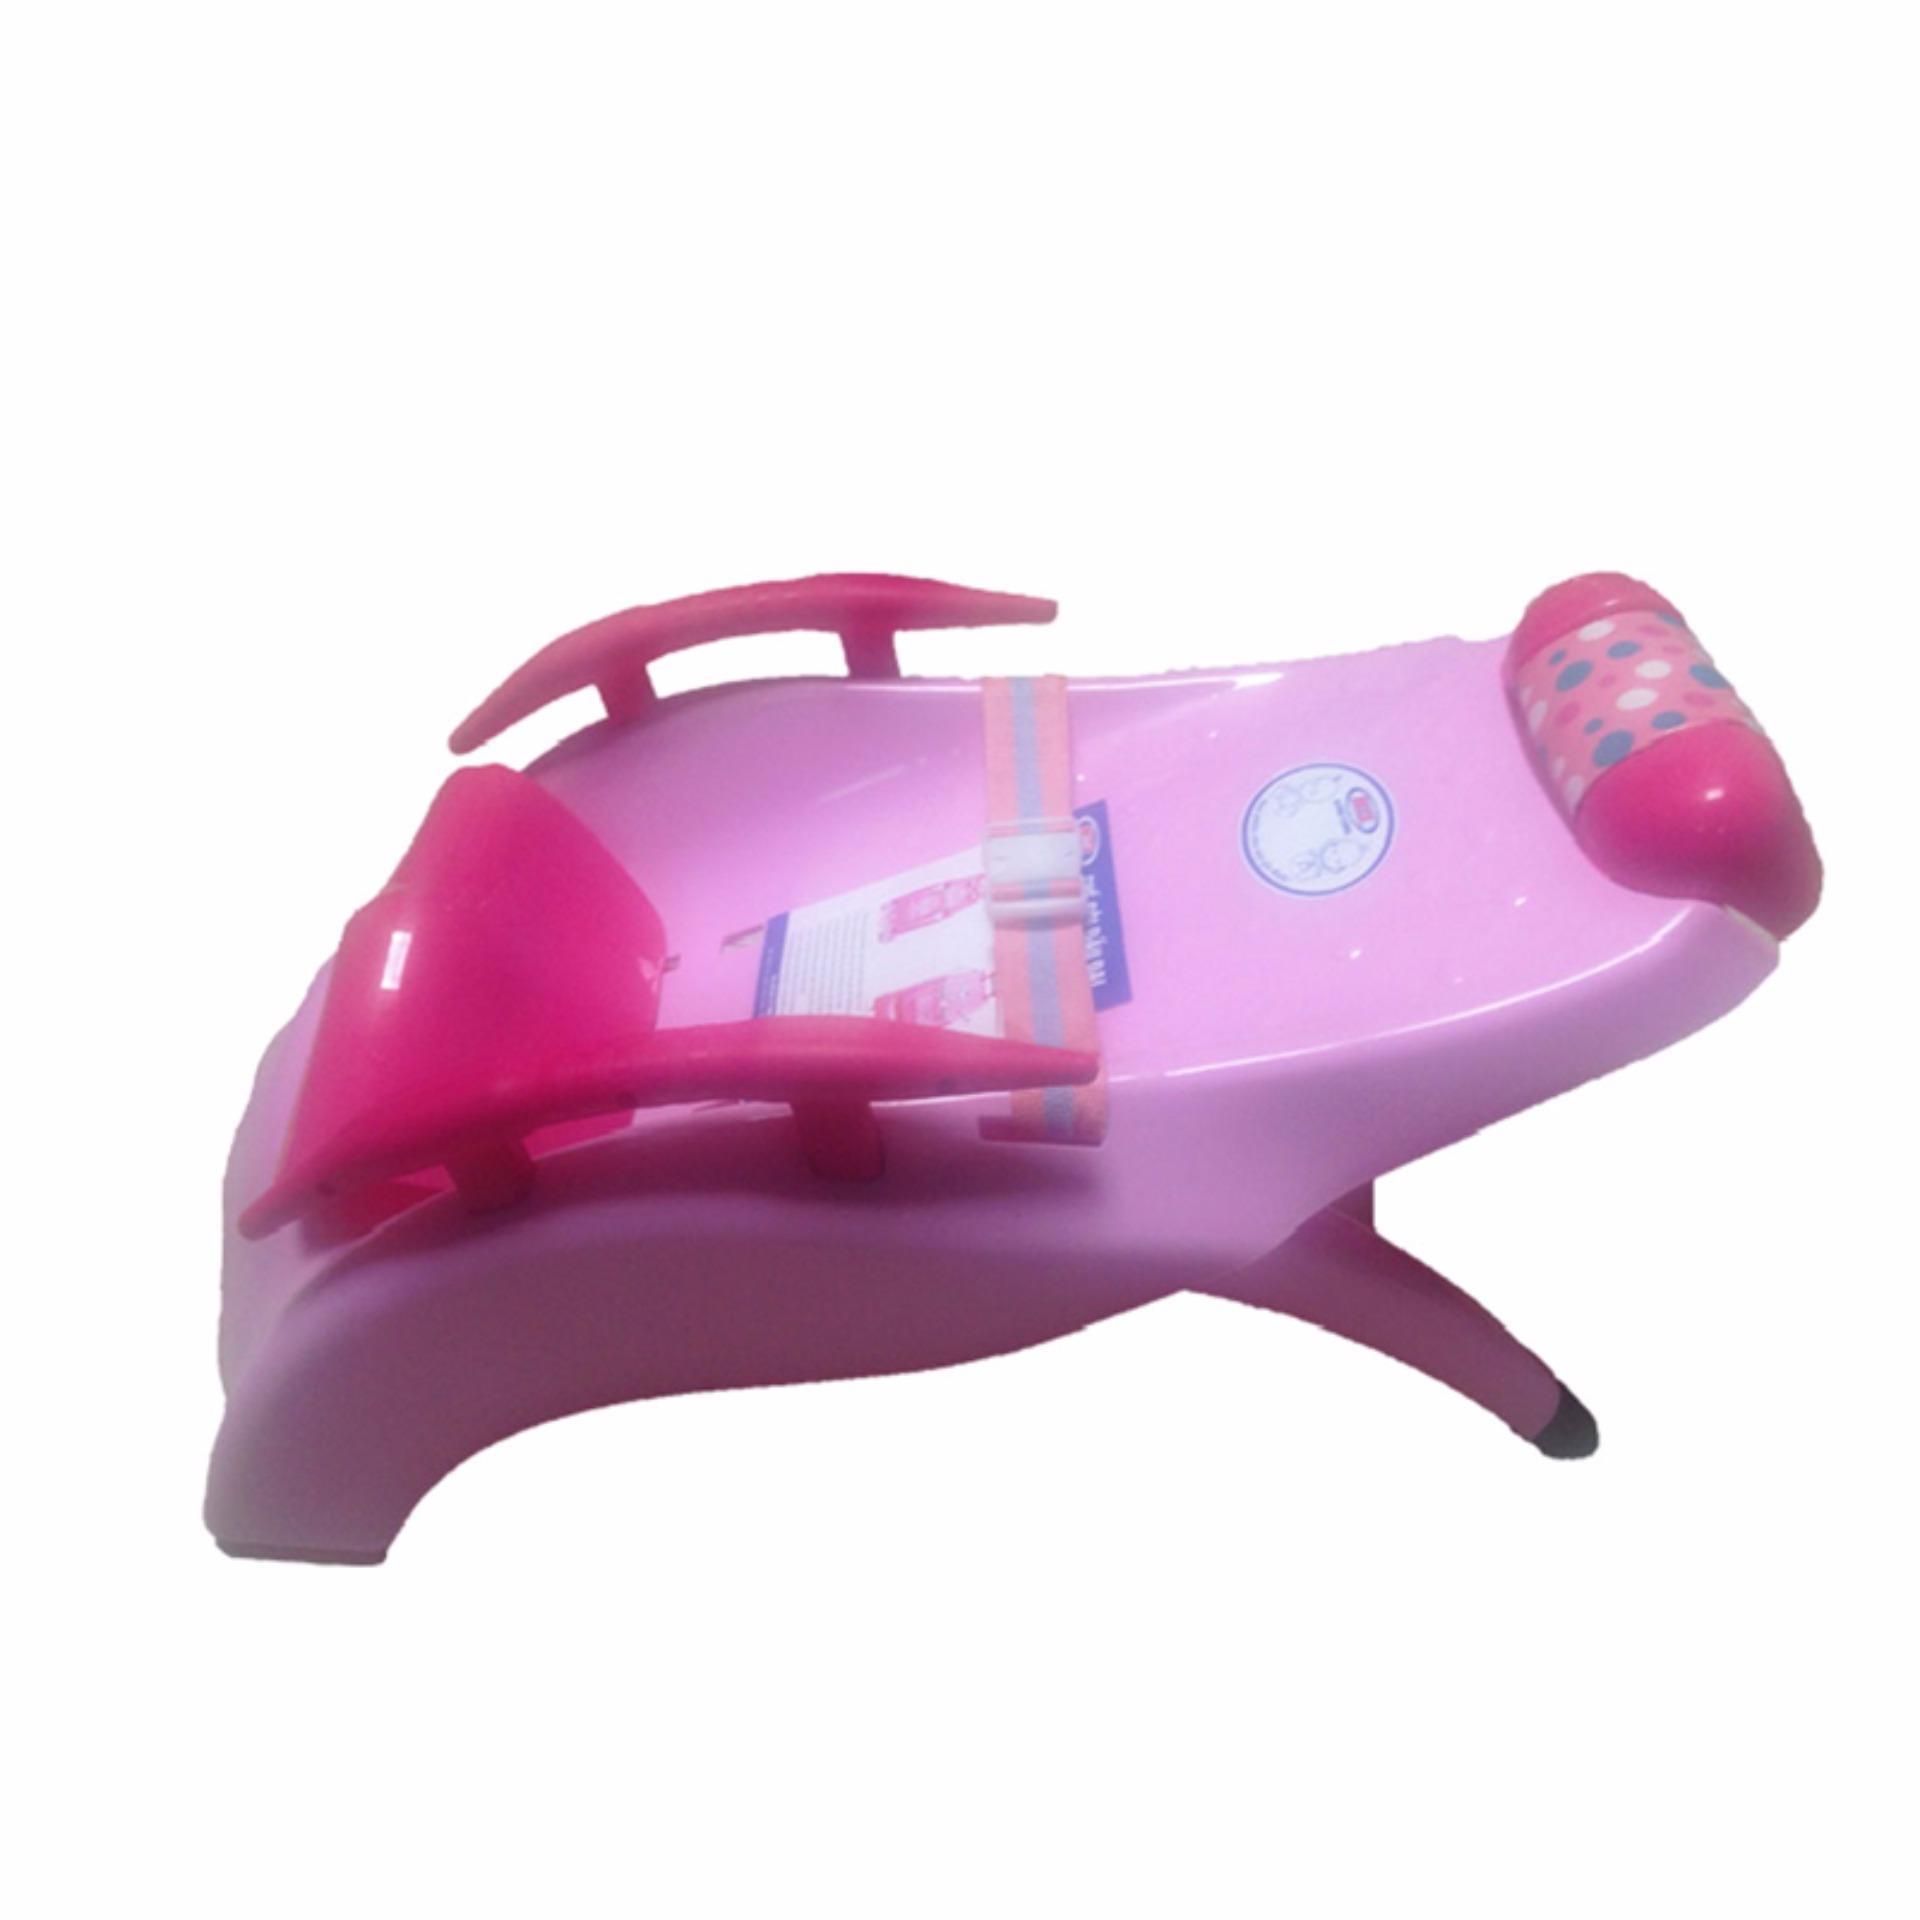 Ghế gội đầu đại SL2510(Hồng)